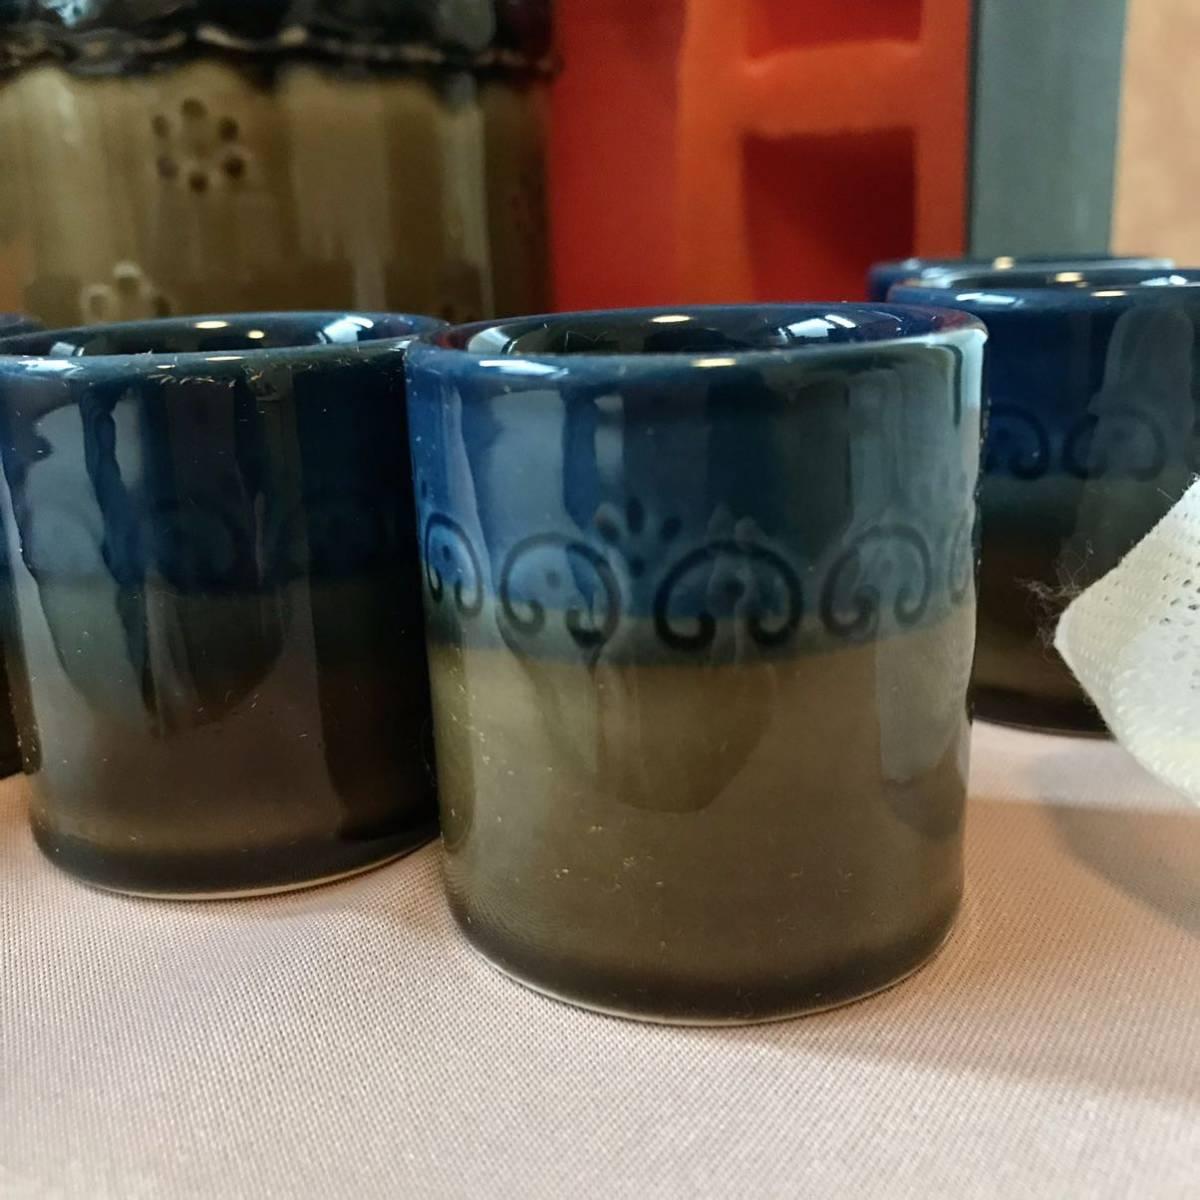 〈送料込〉ローゼンタール ビョルン ヴィンブラッド リキュール セット Rosenthal Bjorn Wiinblad 陶器 食器 ポット ボトル カップ ドイツ_画像5